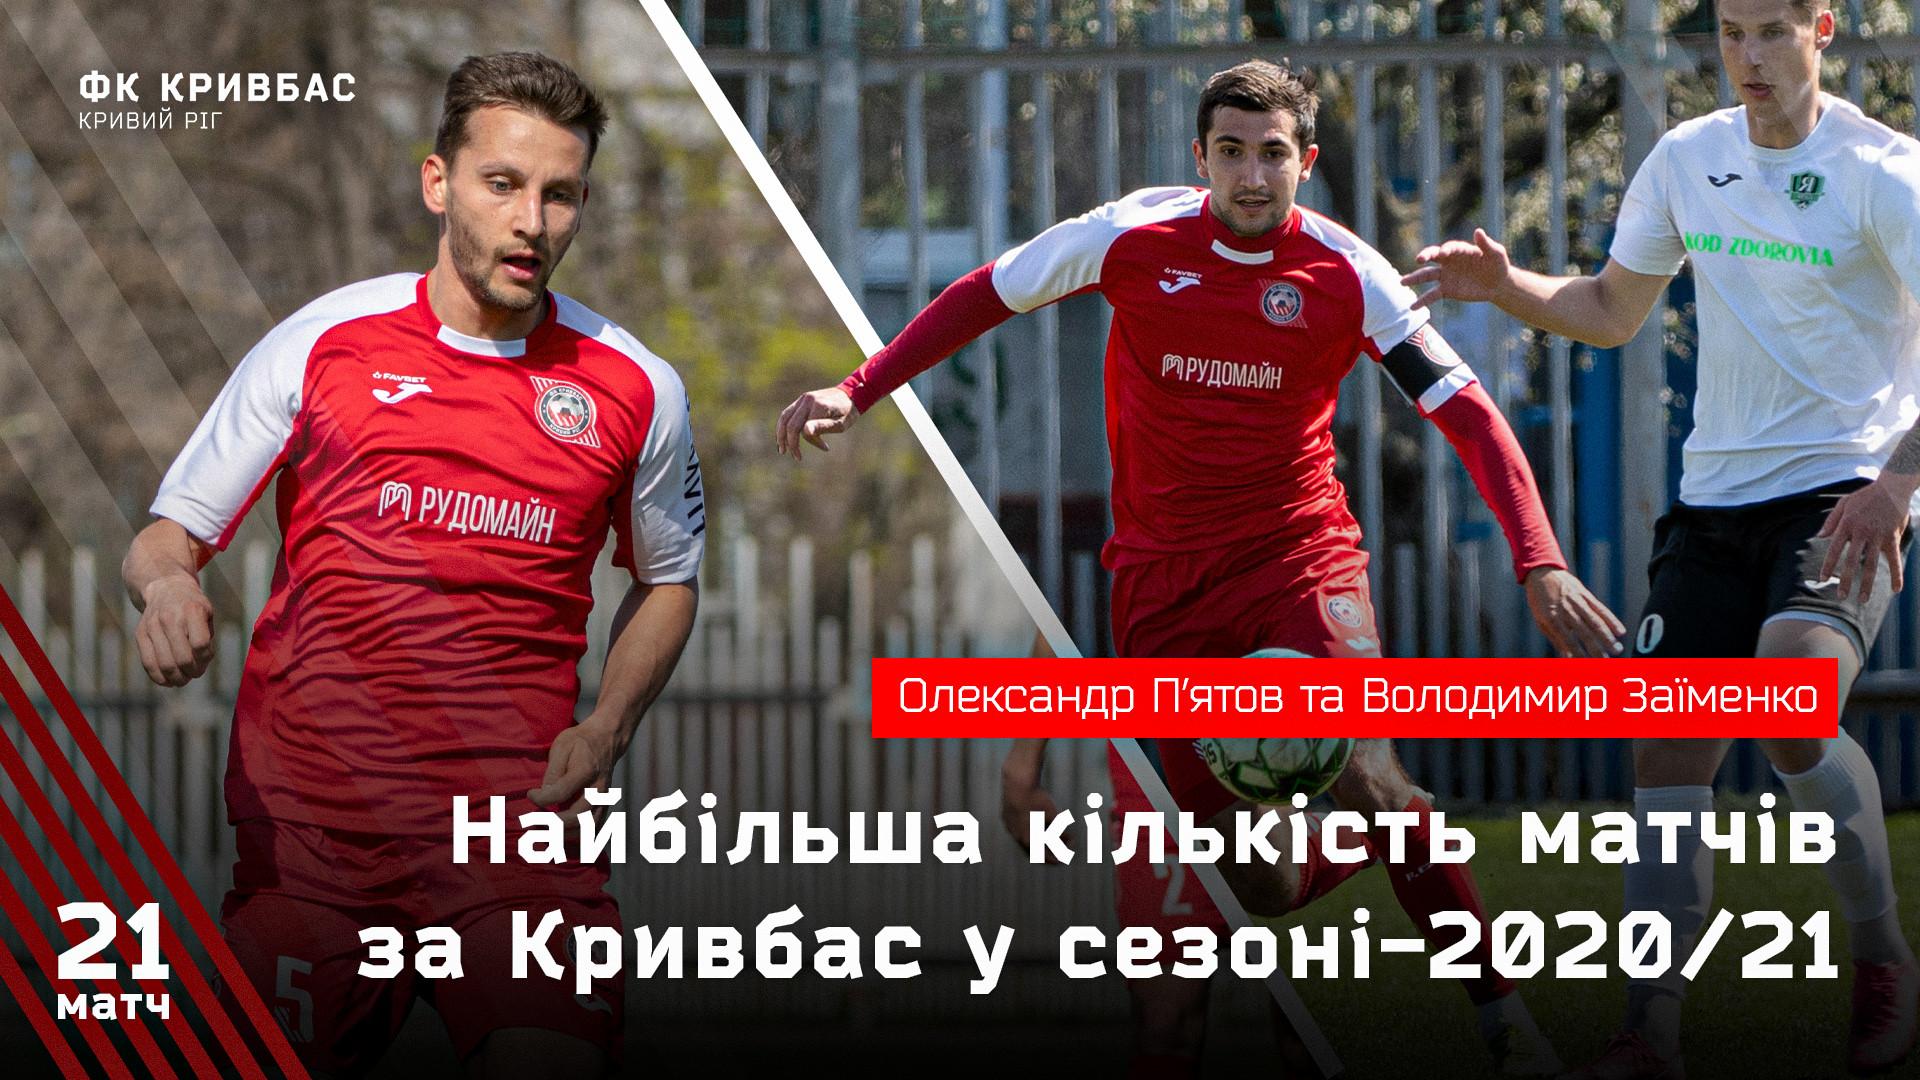 """""""Кривбас"""" в сезоні-2020/21. Підсумки в цифрах}"""